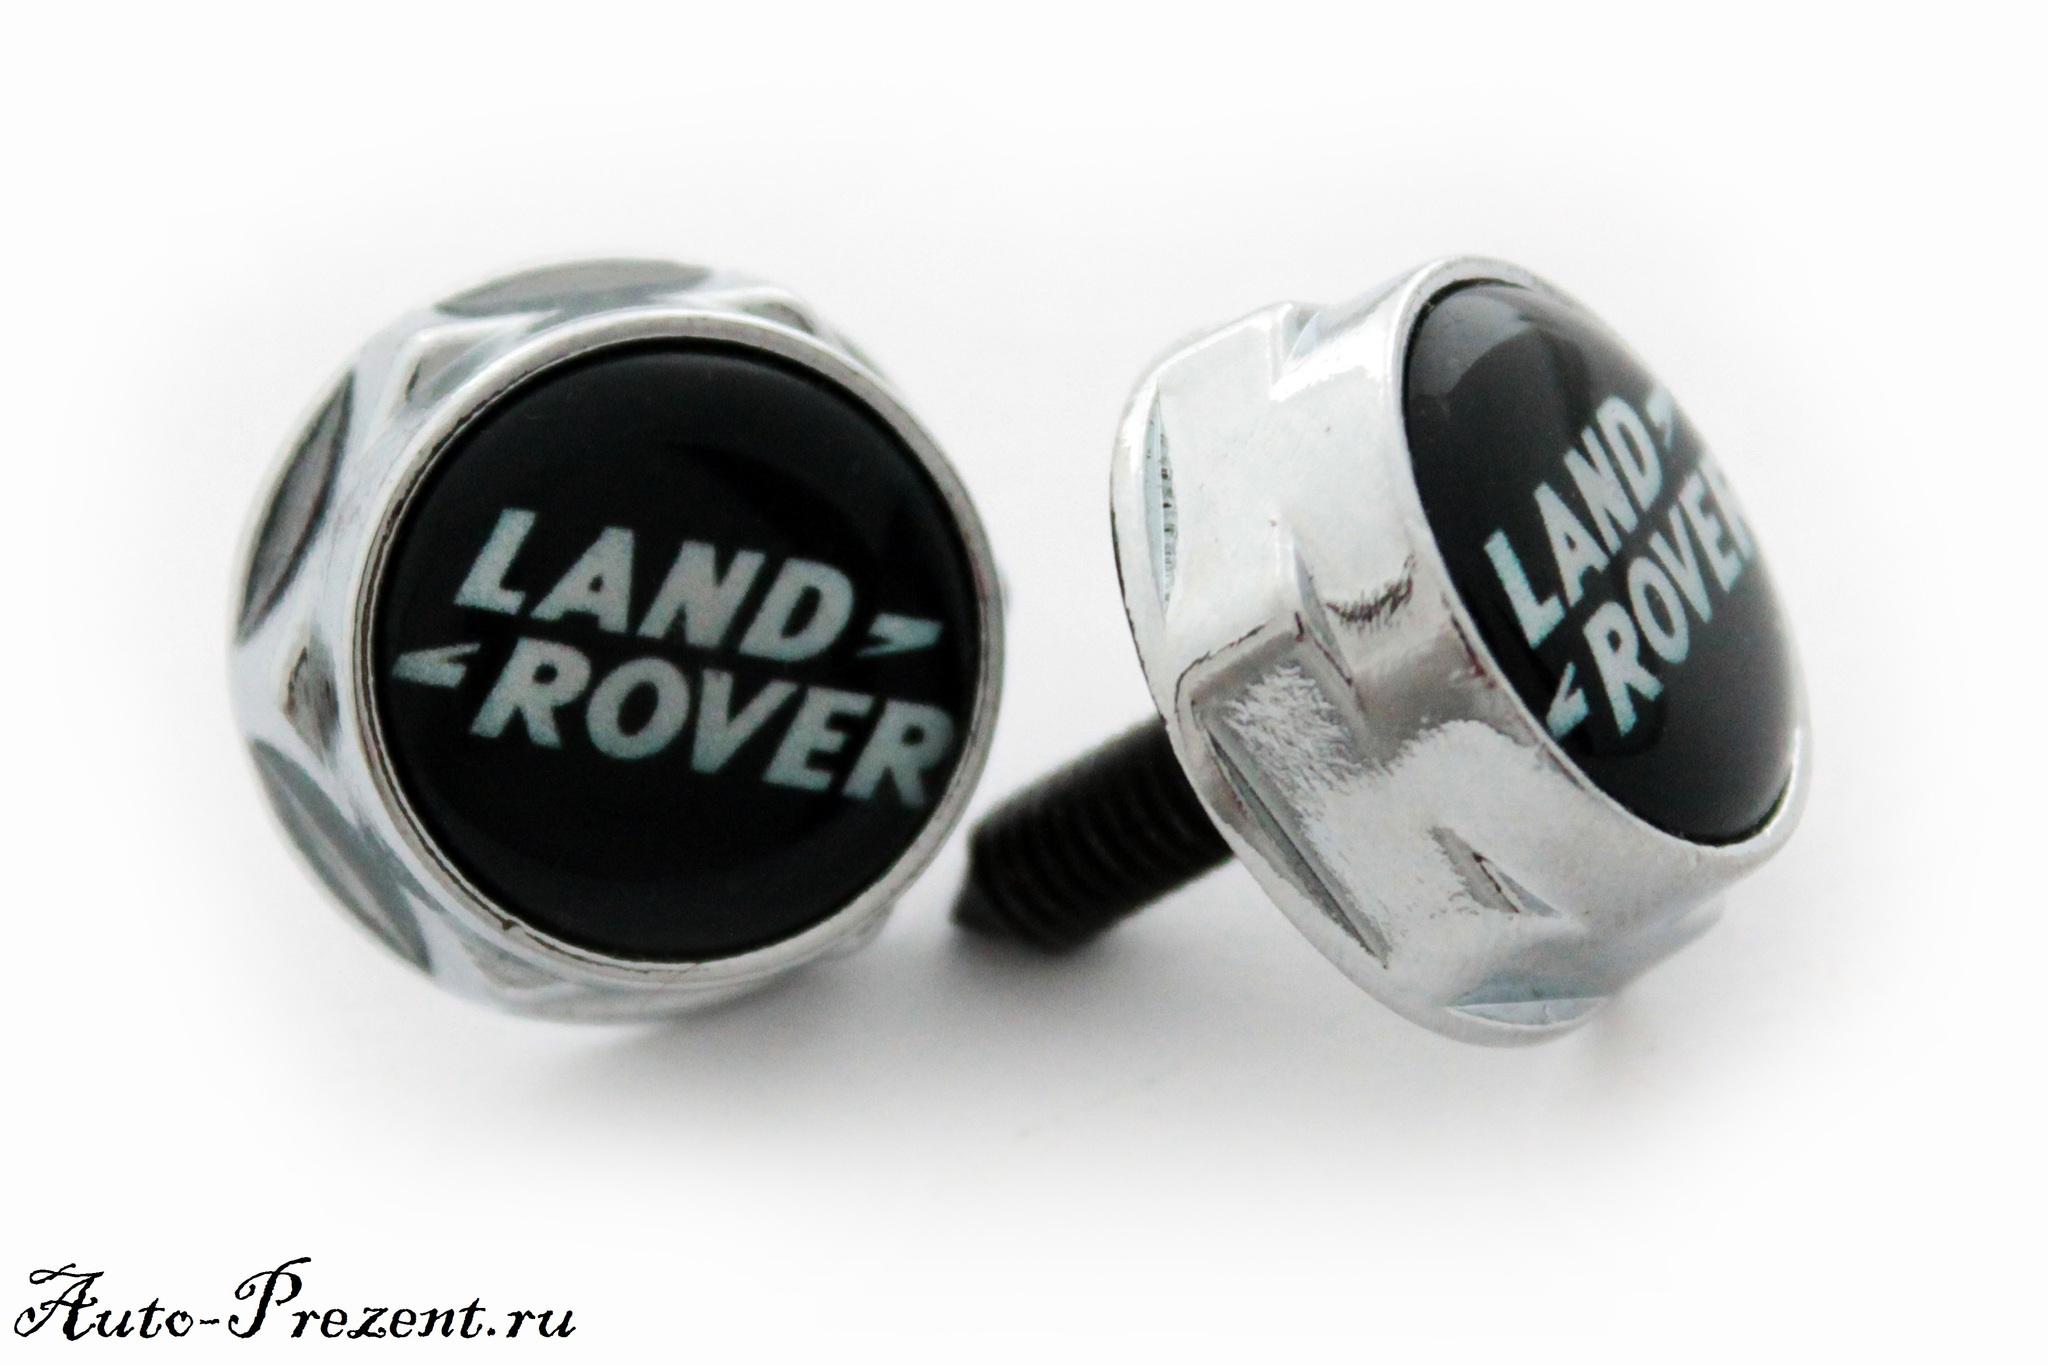 Болты для крепления госномера с логотипом LAND ROVER